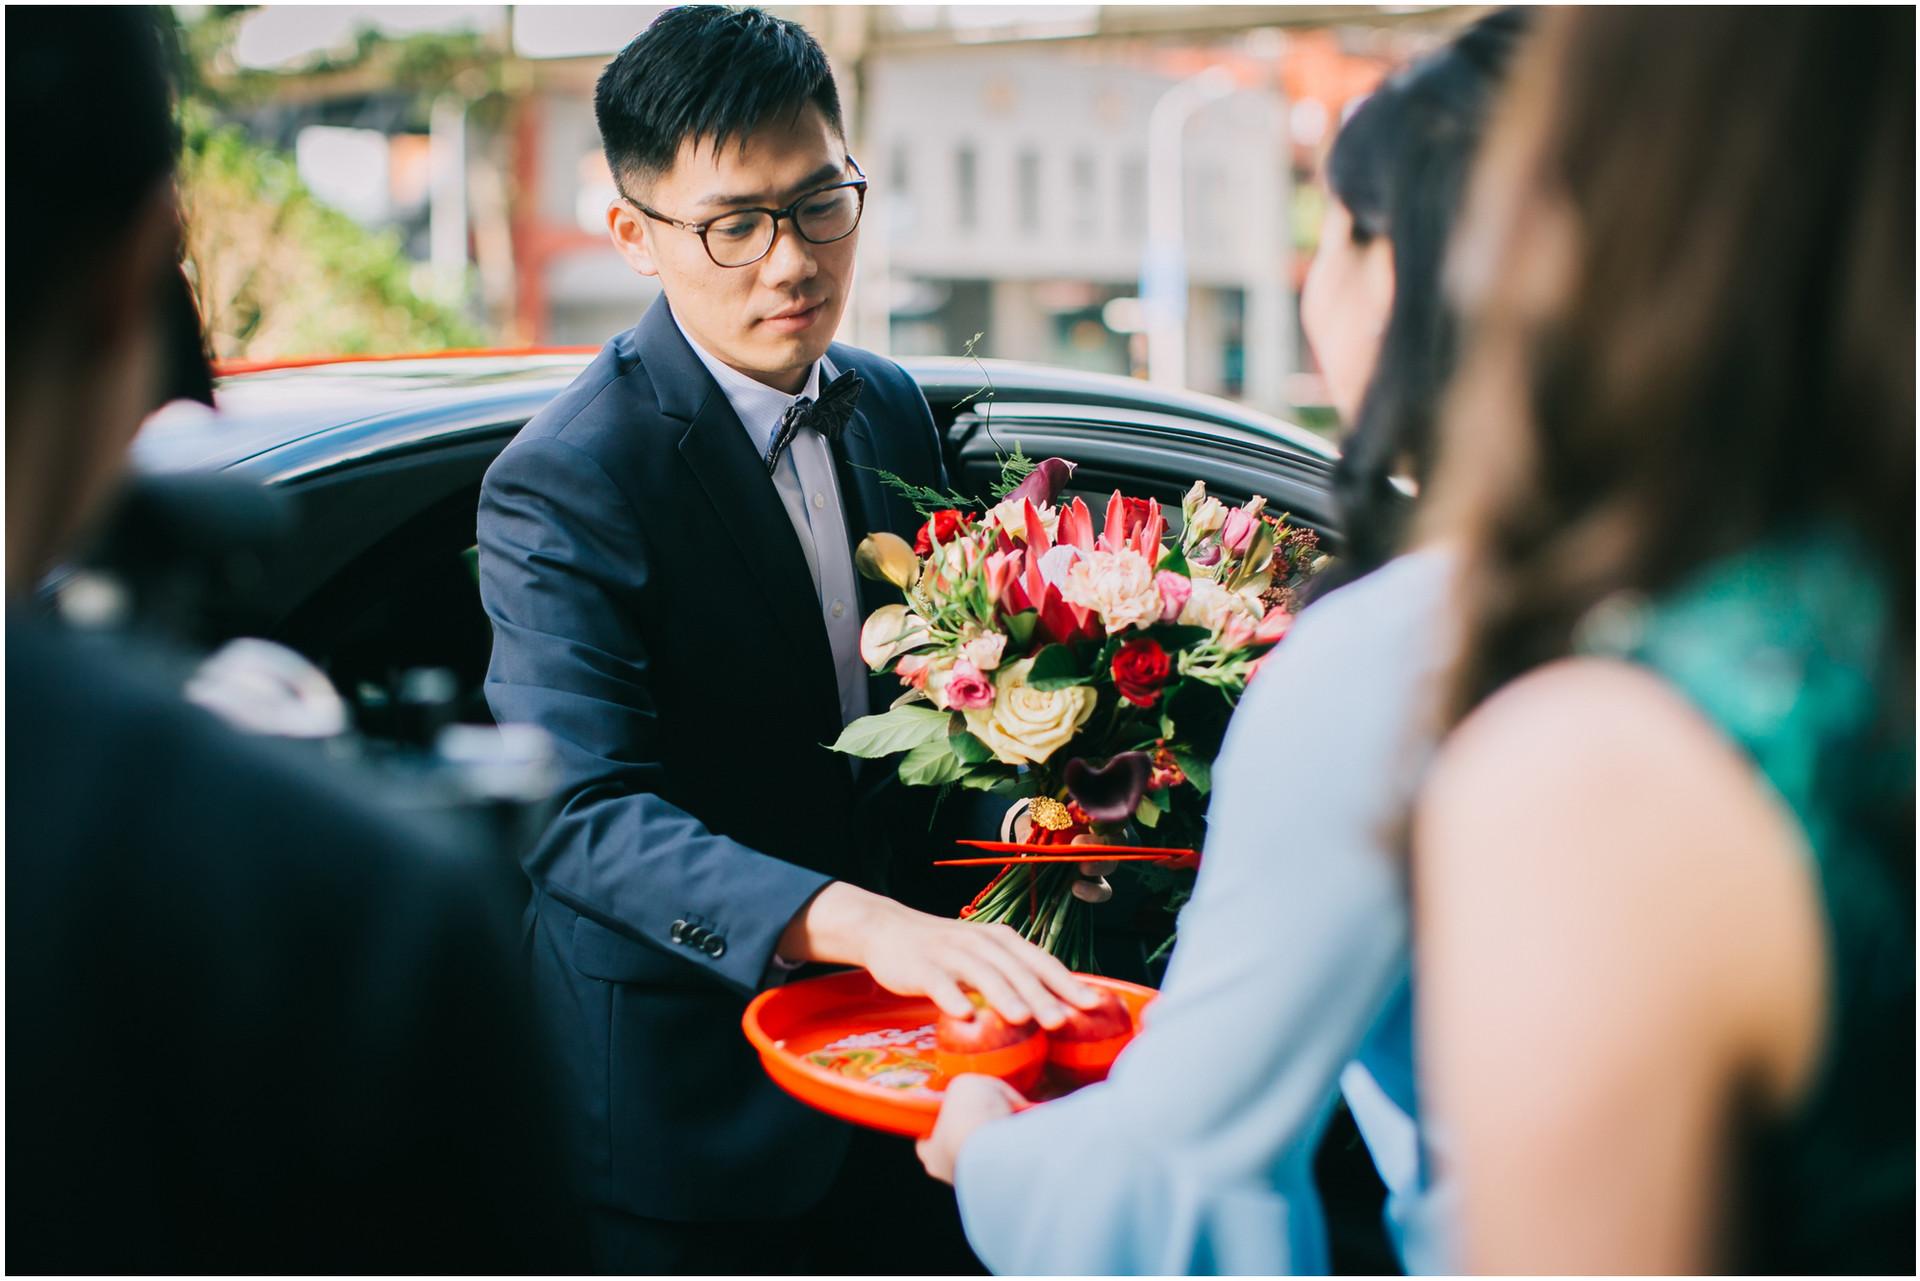 婚禮紀錄 / 平面攝影 / 訂婚 / 結婚 / 類婚紗 / 中式婚禮 / 吉利餐廳